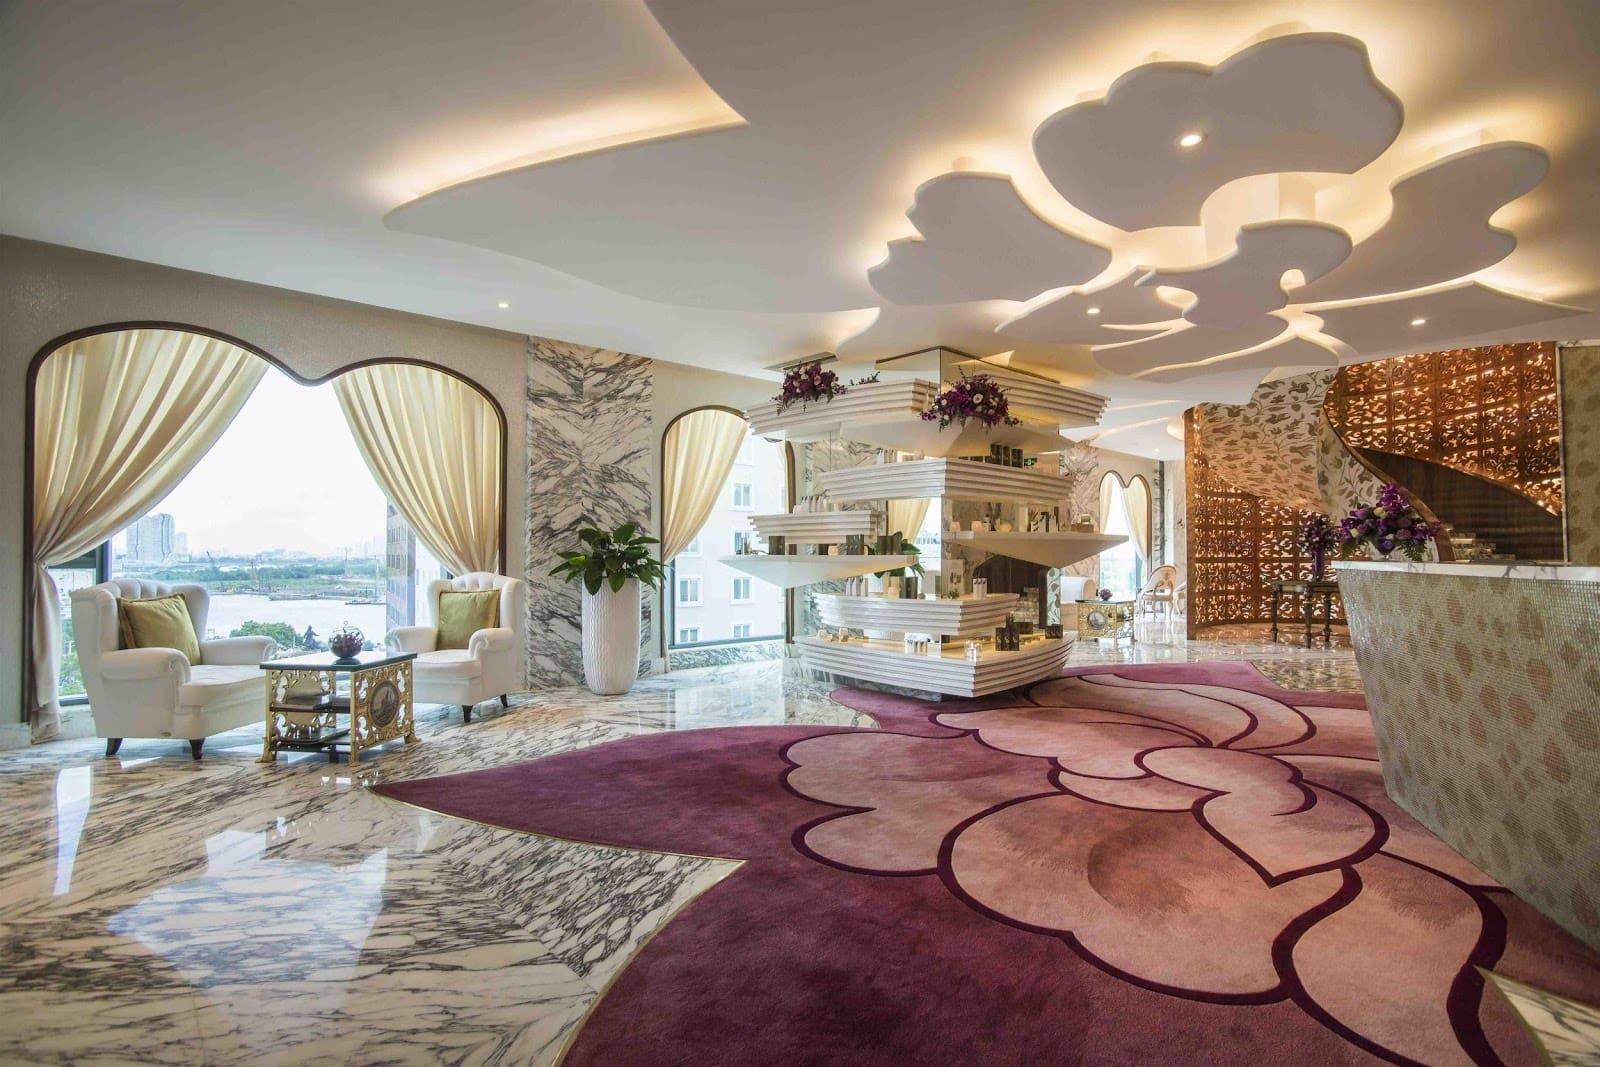 Chi phí đầu tư nội thất cho khách sạn